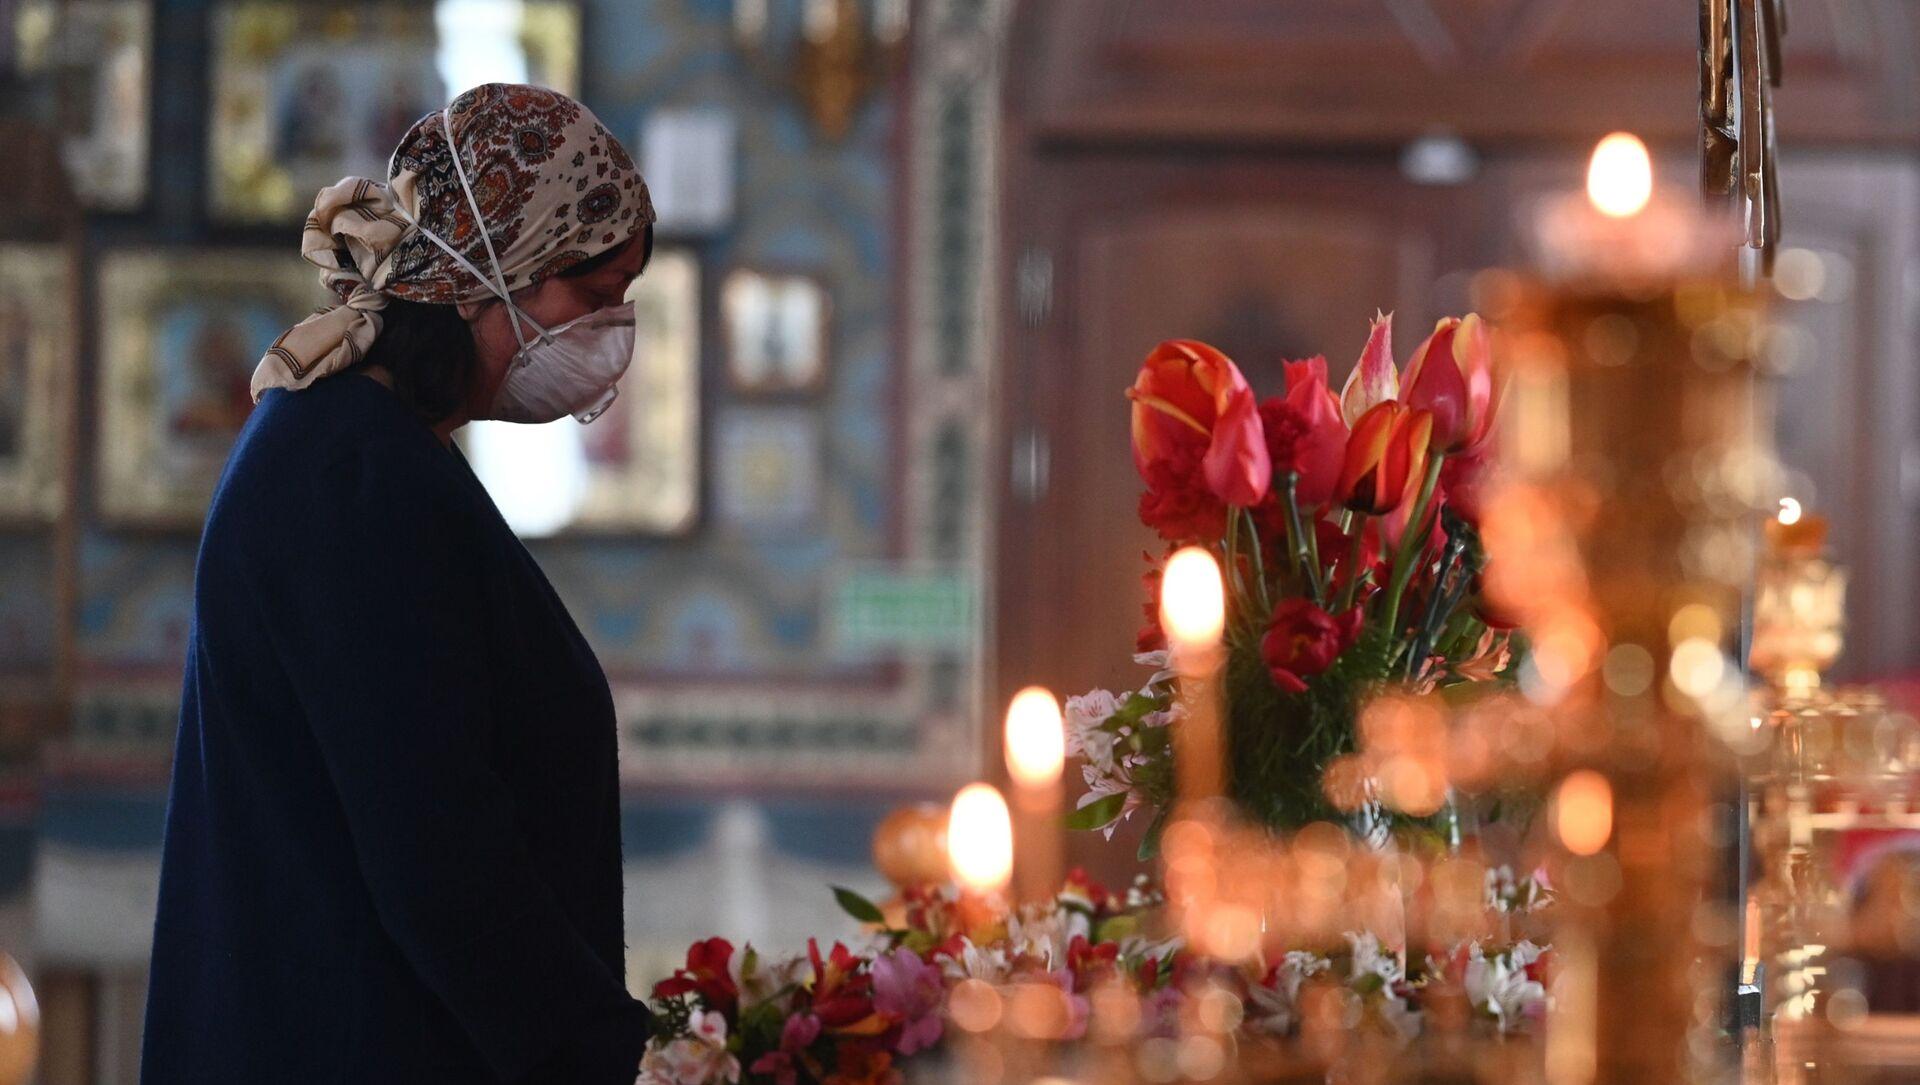 Празднование Пасхи в городах России - Sputnik Беларусь, 1920, 13.03.2021